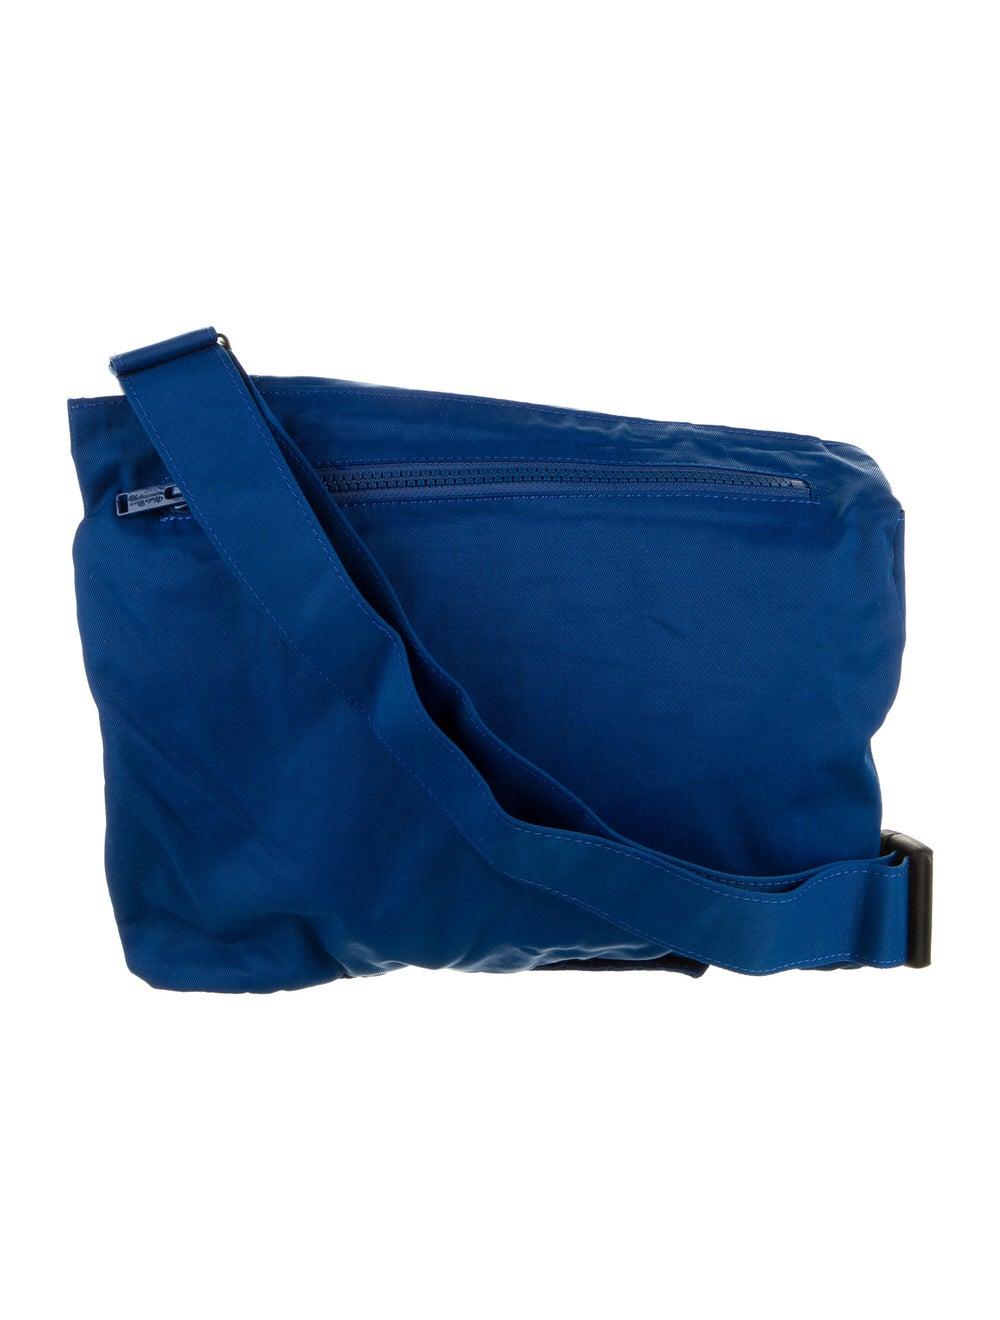 Undercover Nylon Shoulder Bag Blue - image 4